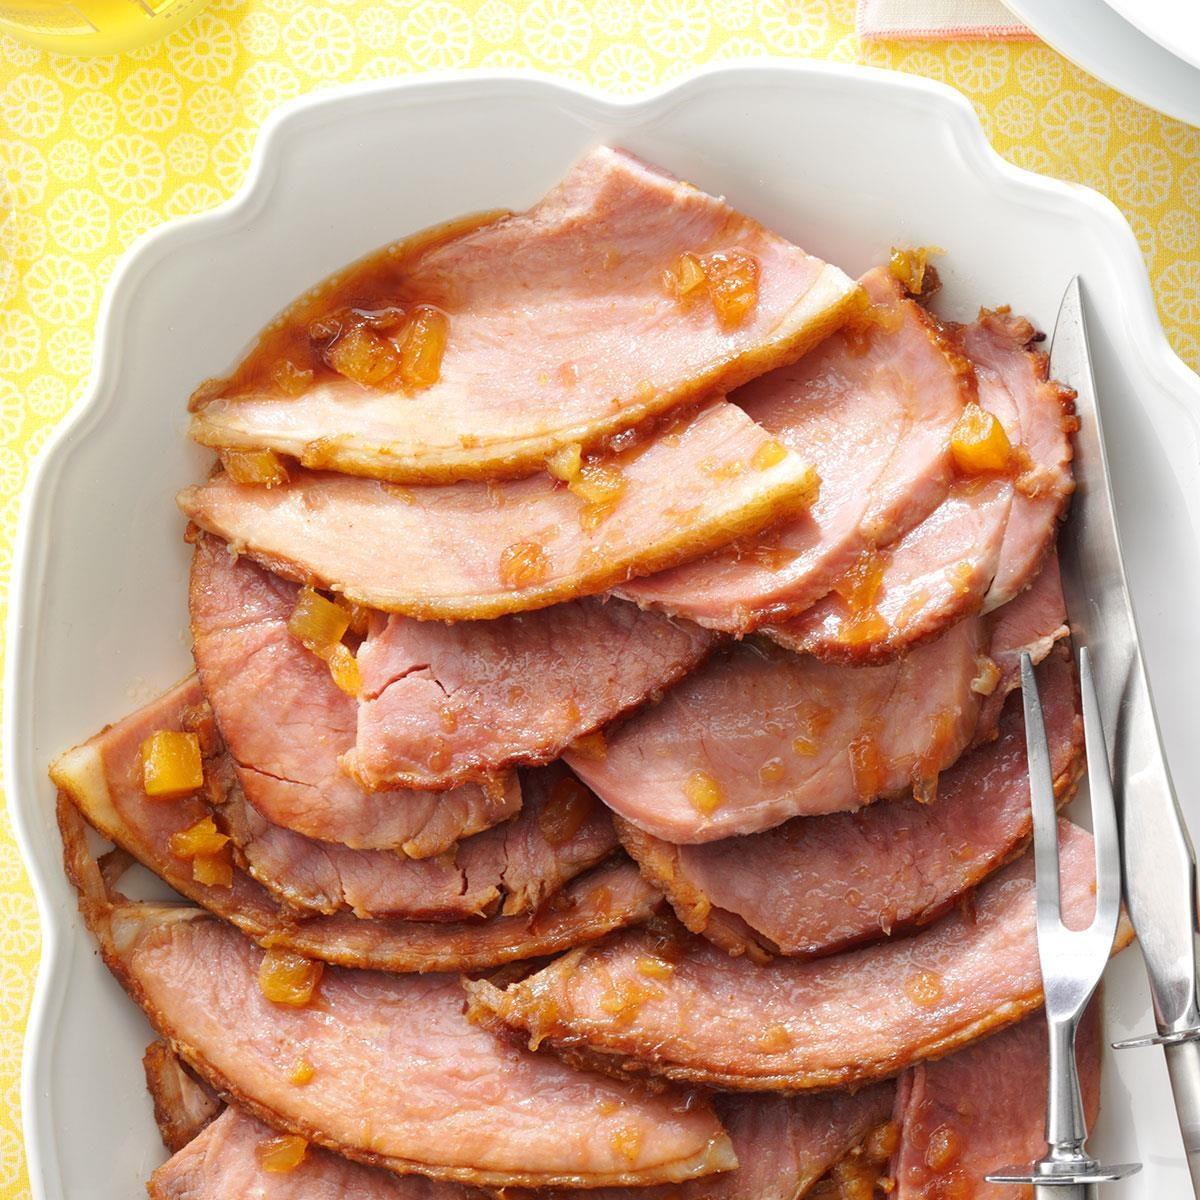 A platter with Glazed Spiral Sliced Ham